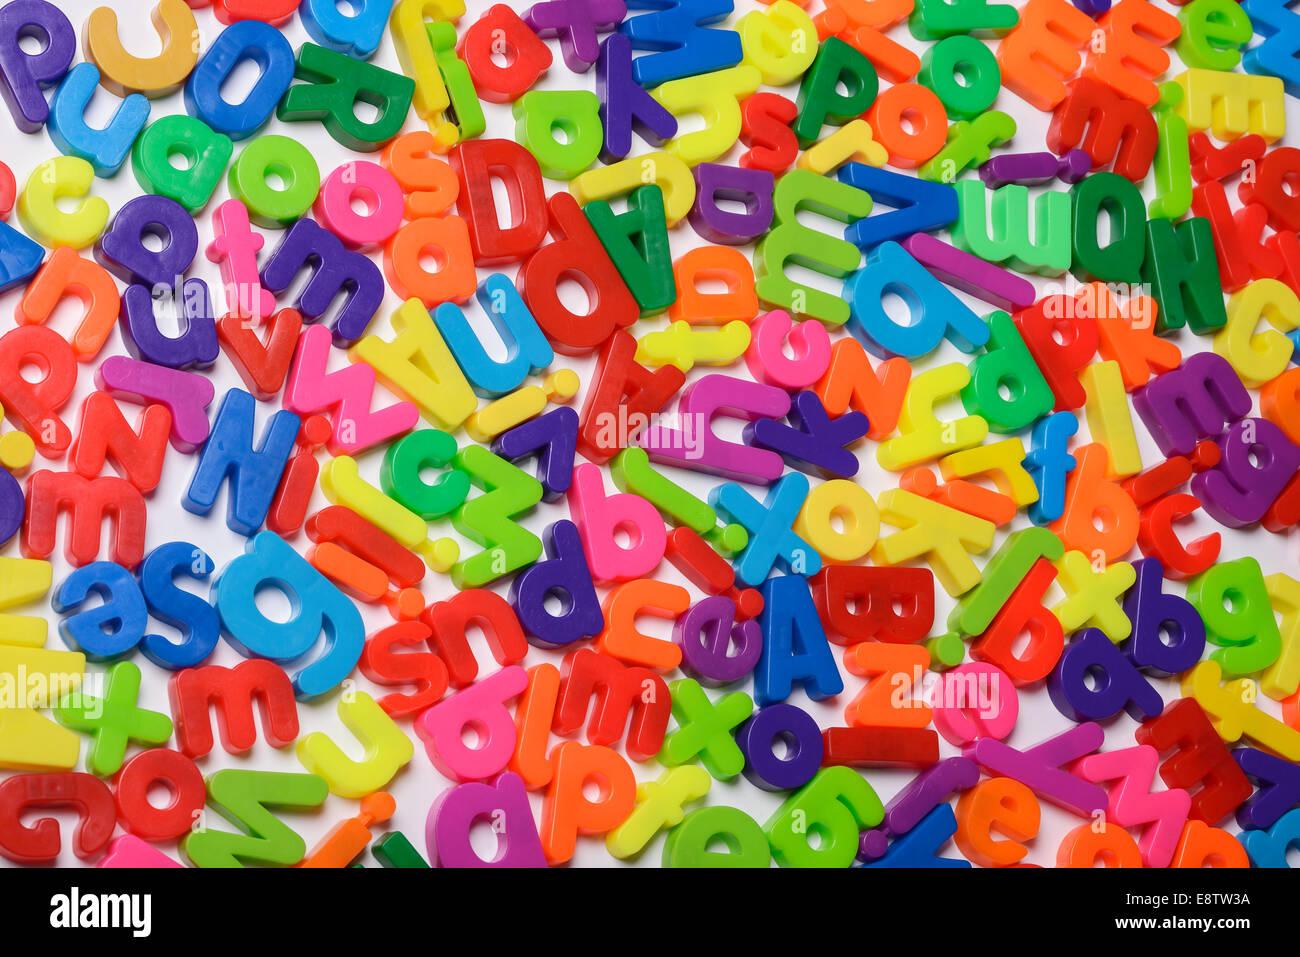 Random frigo magnetico lettere Immagini Stock